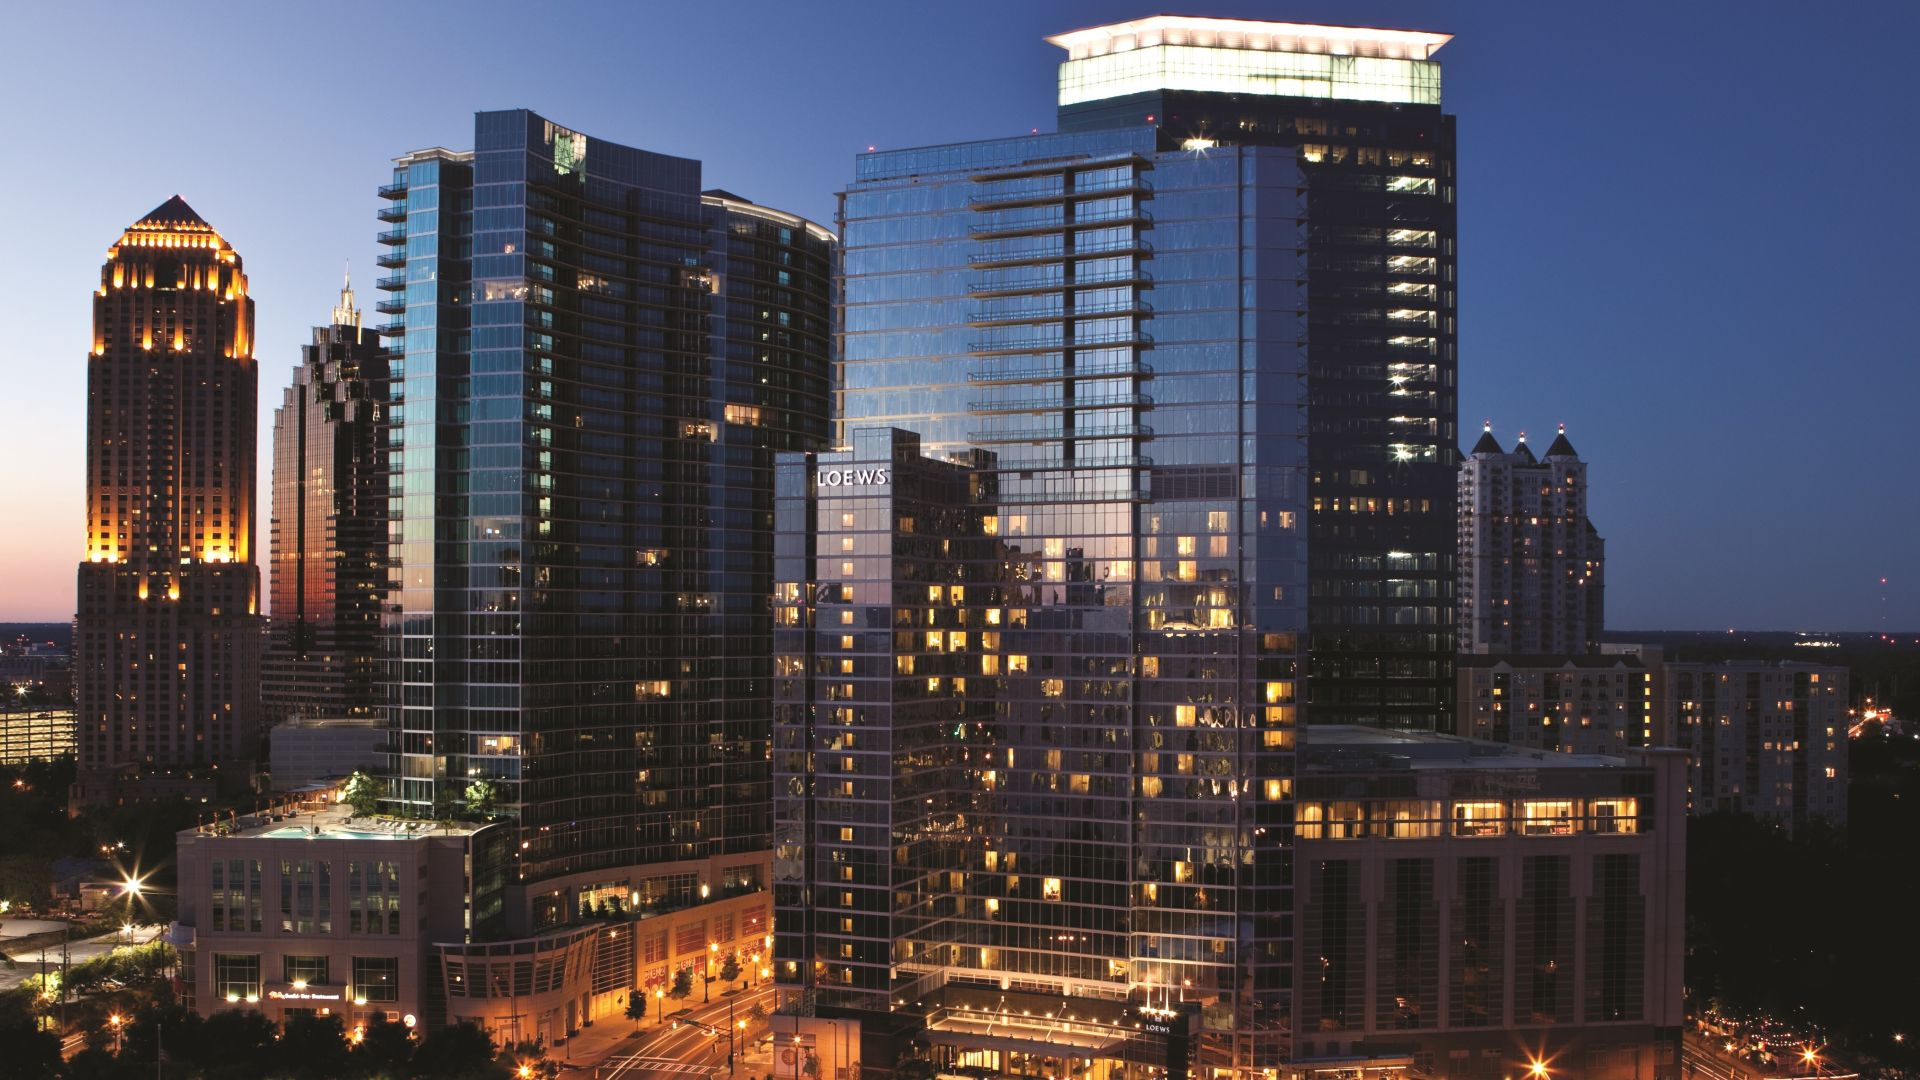 Horizonte de la zona céntrica de Atlanta | Loews Atlanta Hotel